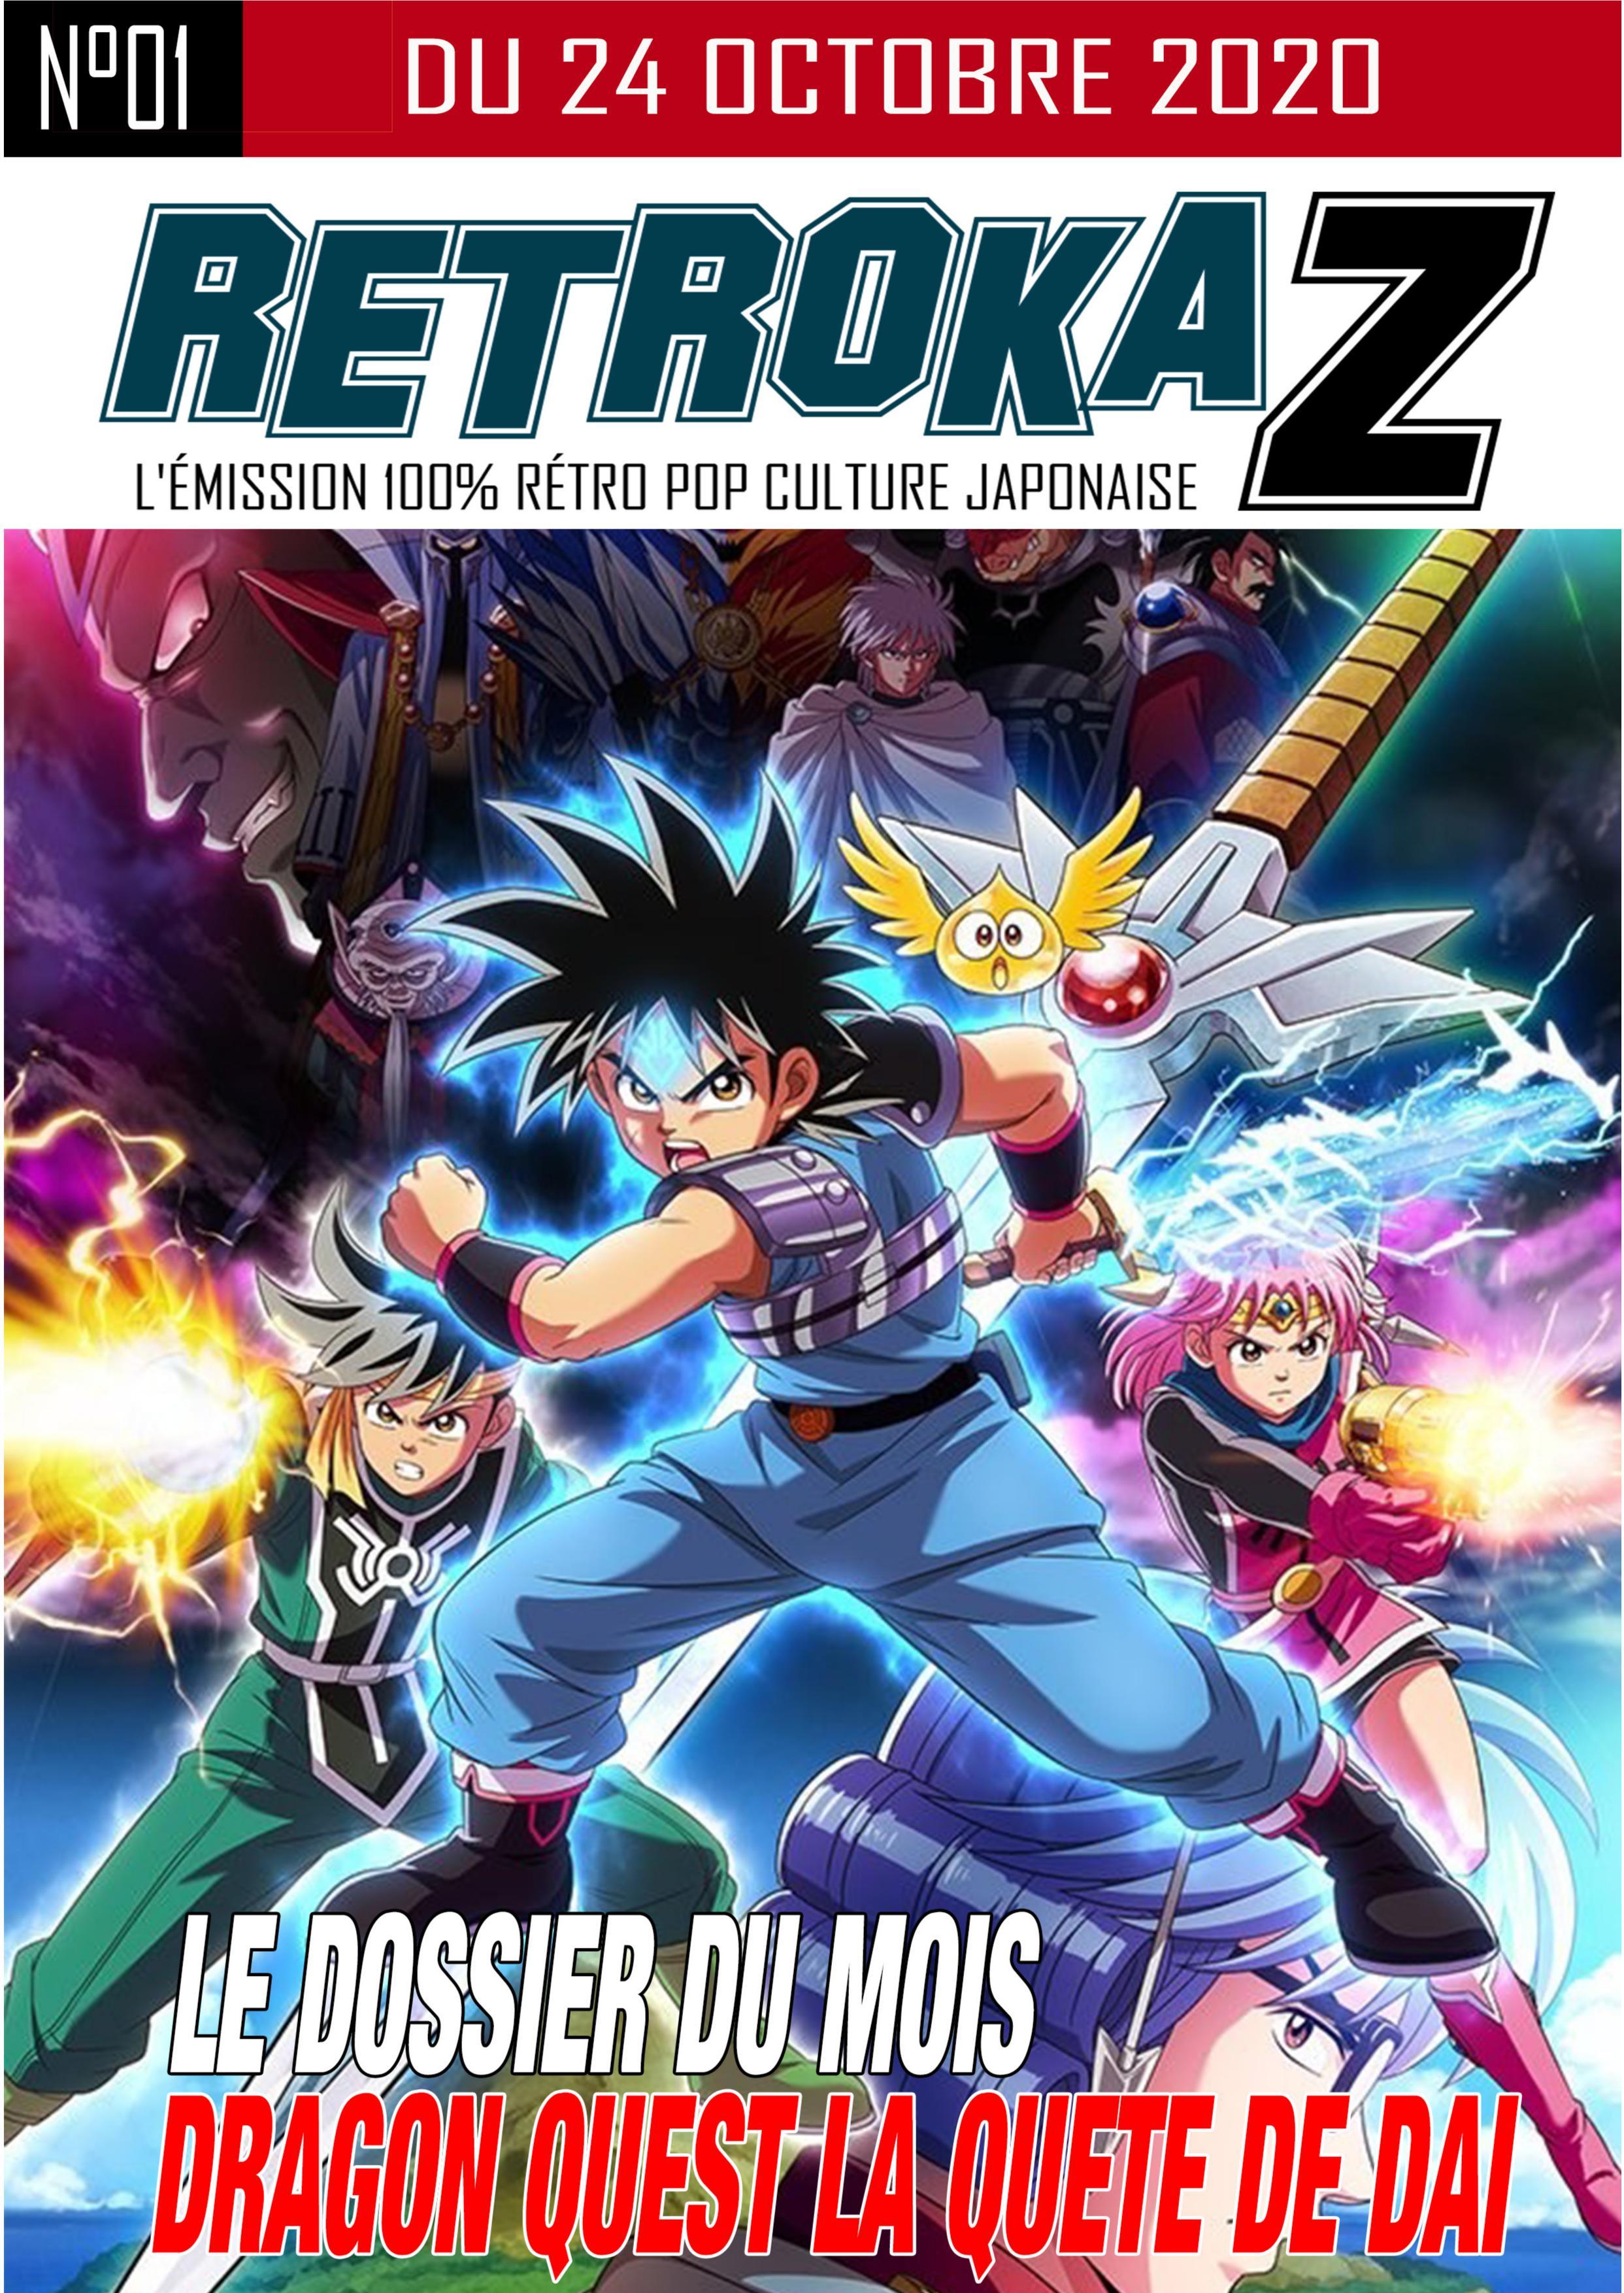 COVER RKZ 01